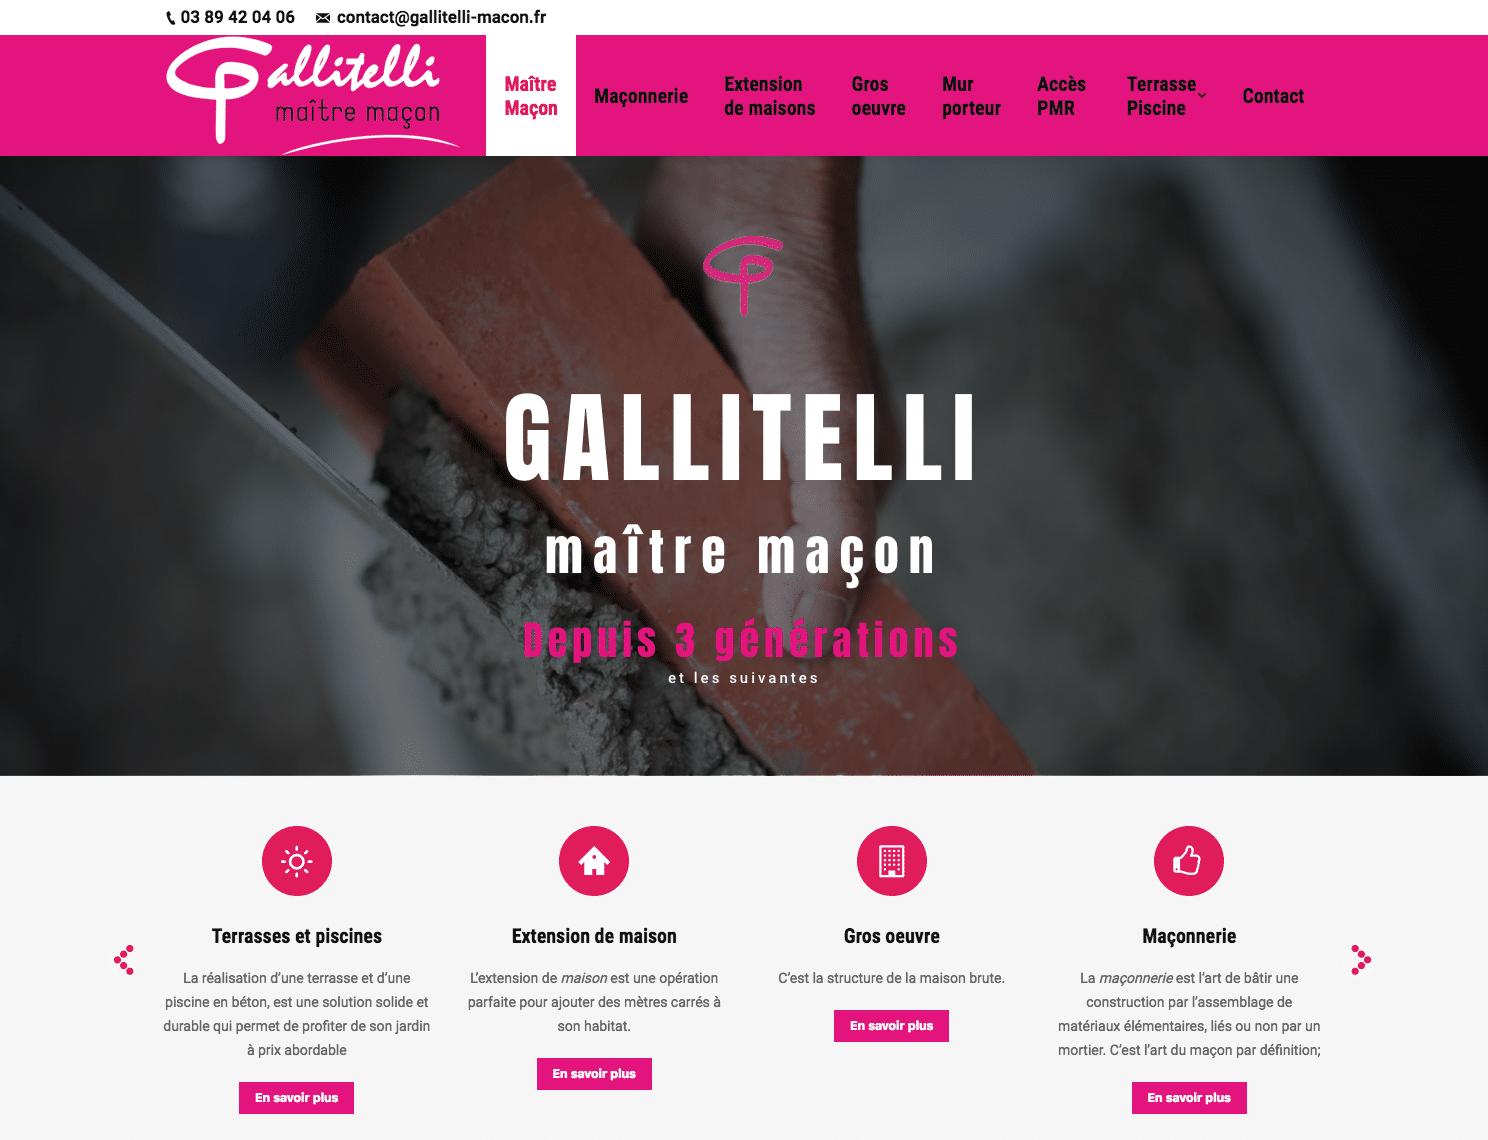 Gallitelli, maître maçon depuis 3 générations à réalisé un site avec l'agence web Karedess sur mulhouse